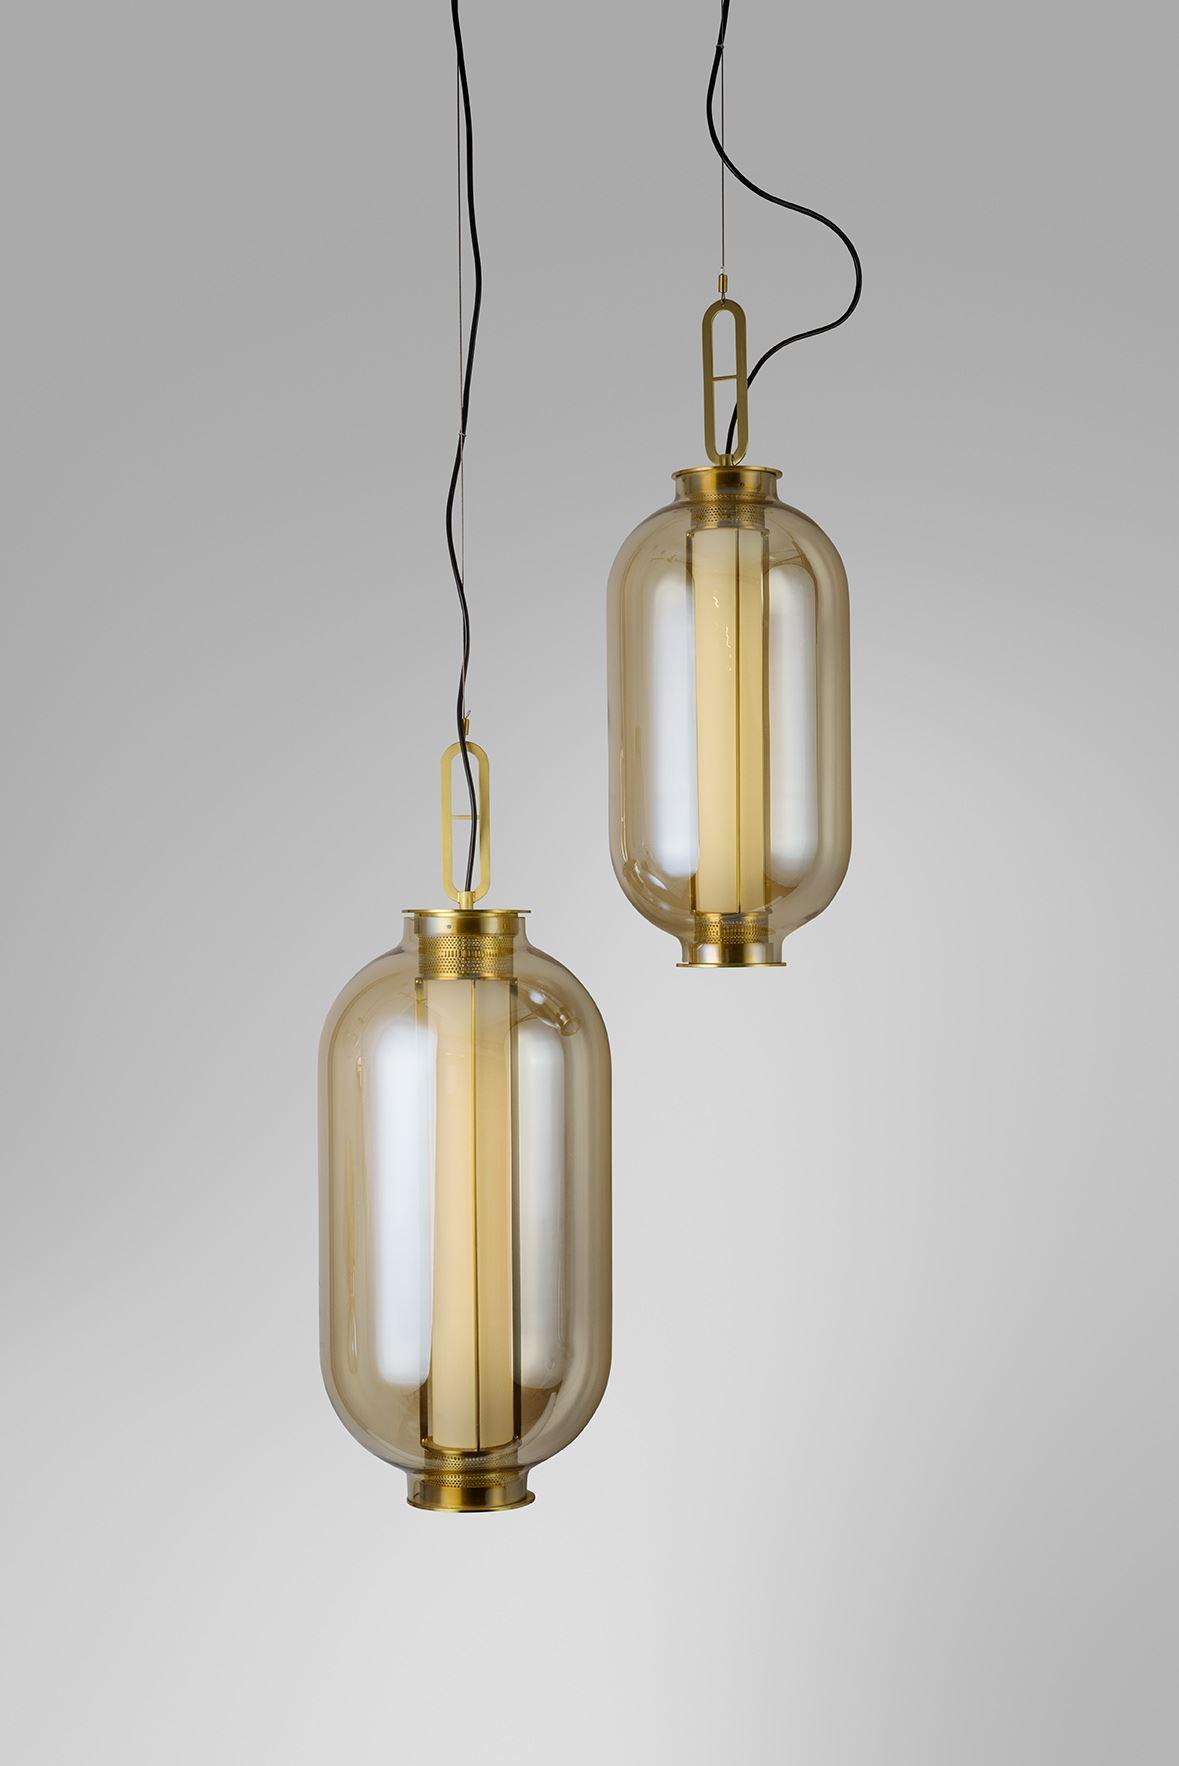 גופי תאורה מקטגוריית: מנורות תלויות ,שם המוצר: CANDELA